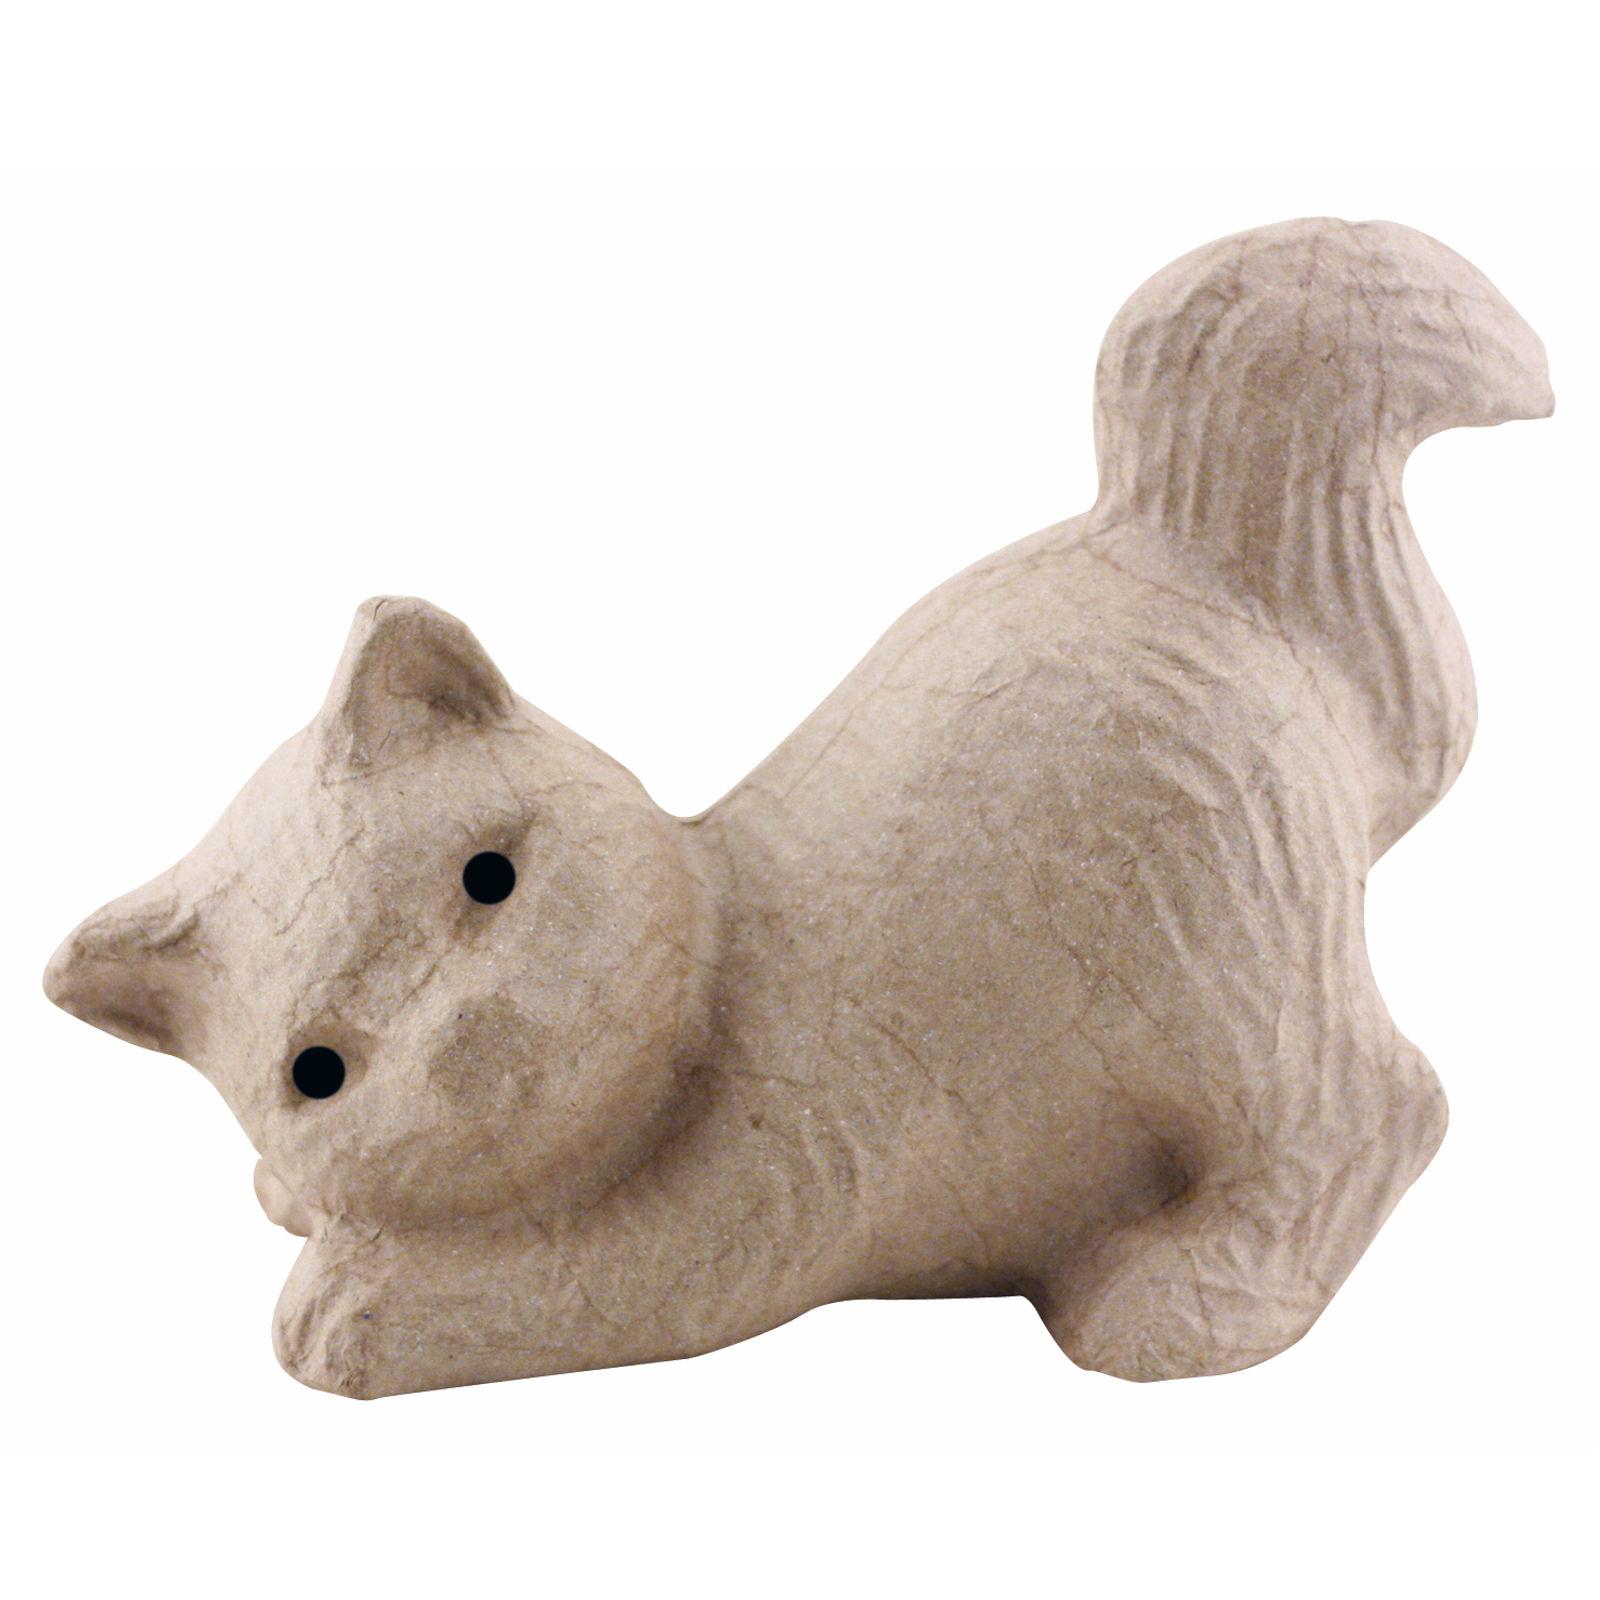 Decopatch sa115 decoupage papier mache animal pensive cat for Decopatch papier